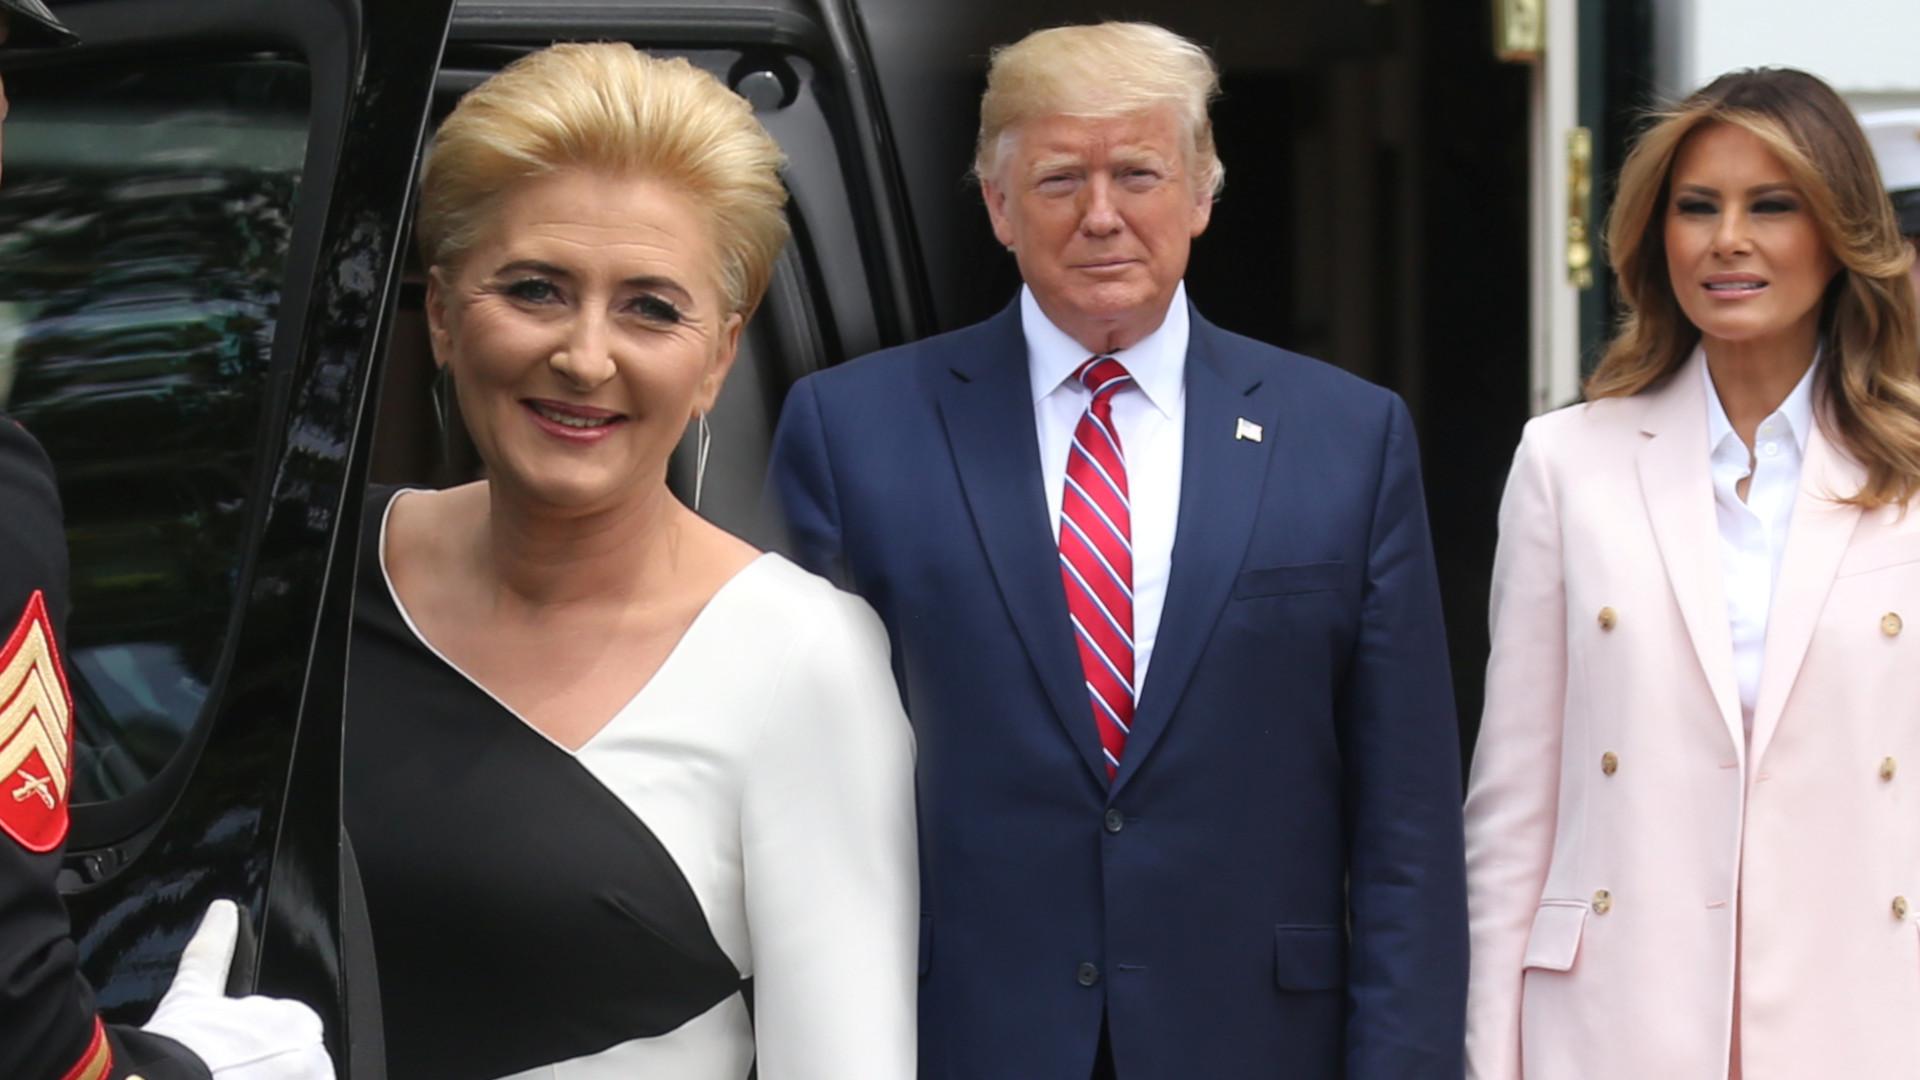 Agata Duda pokazała KLASĘ na oficjalnej wizycie w Białym Domu – jej kreacja jest lepsza niż Melanii Trump (ZDJĘCIA)